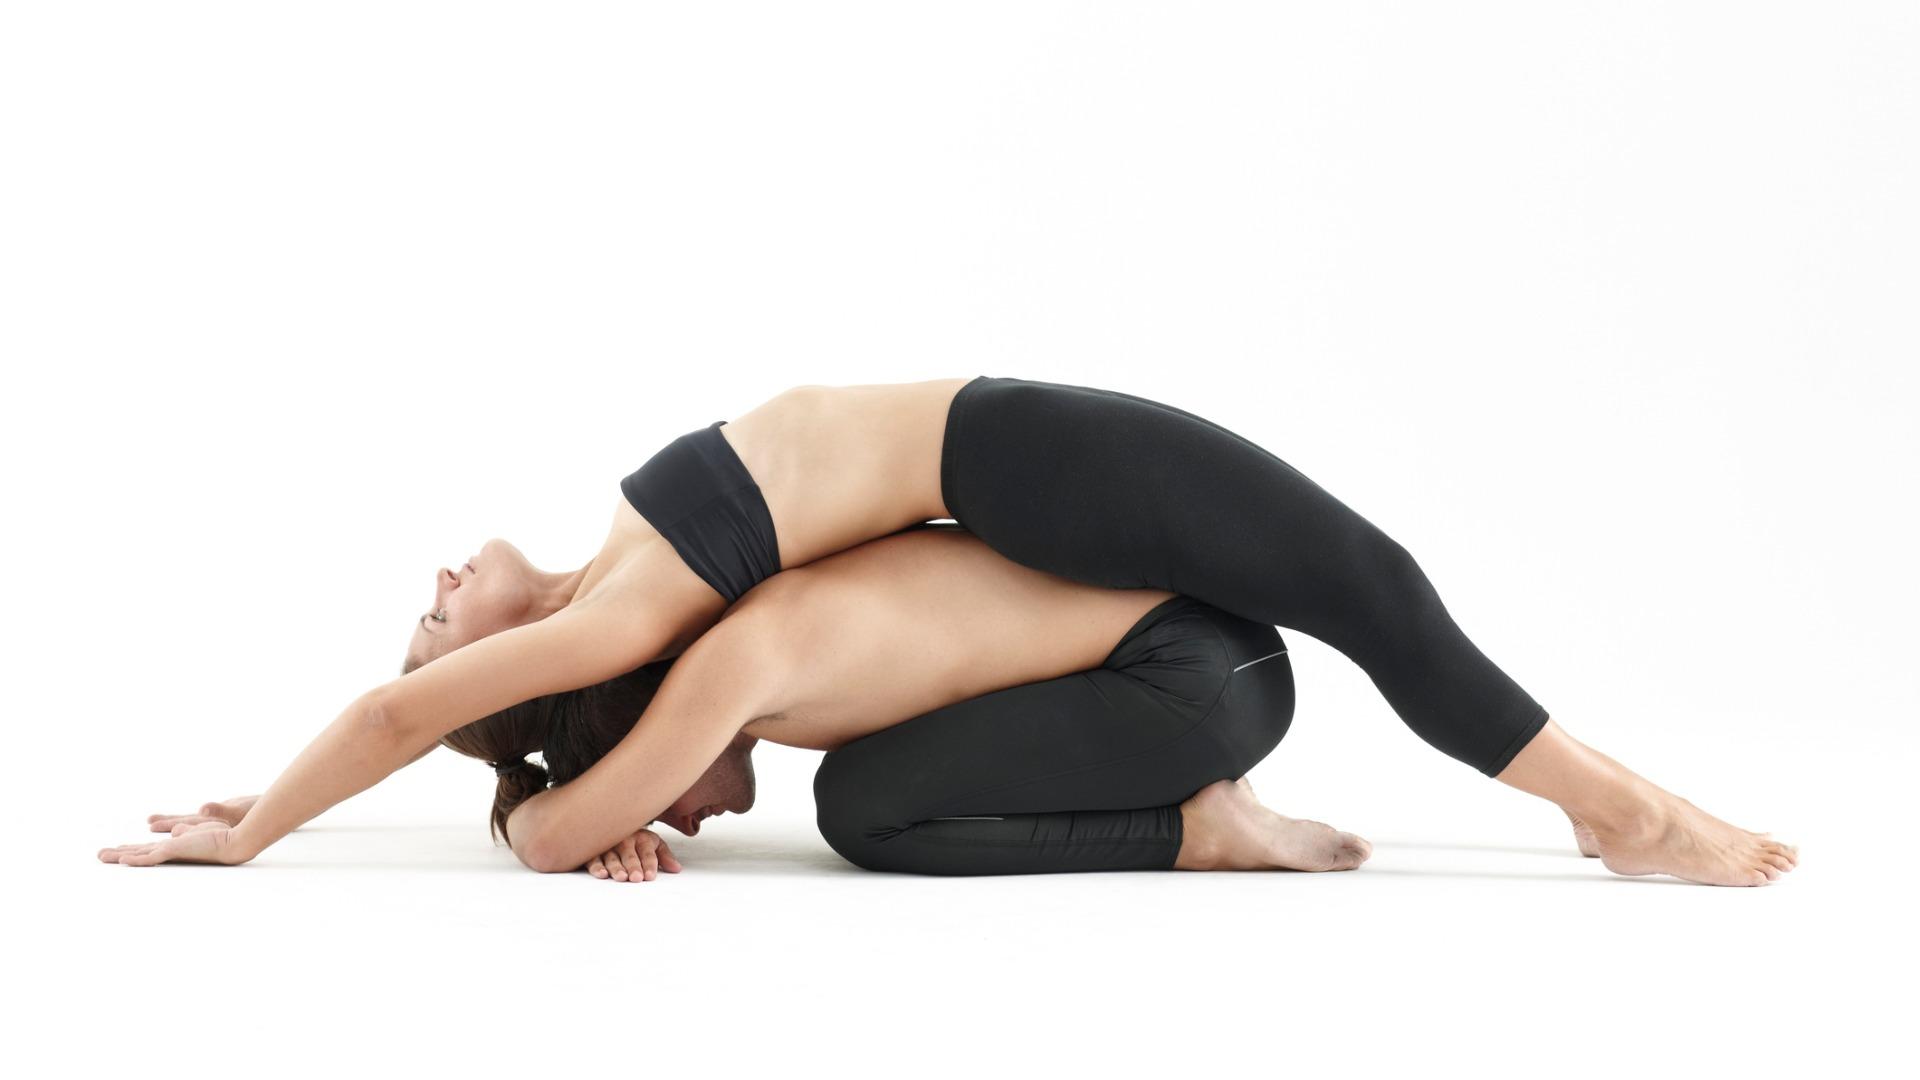 Mann und Frau machen eine gemeinsame Yoga Übung